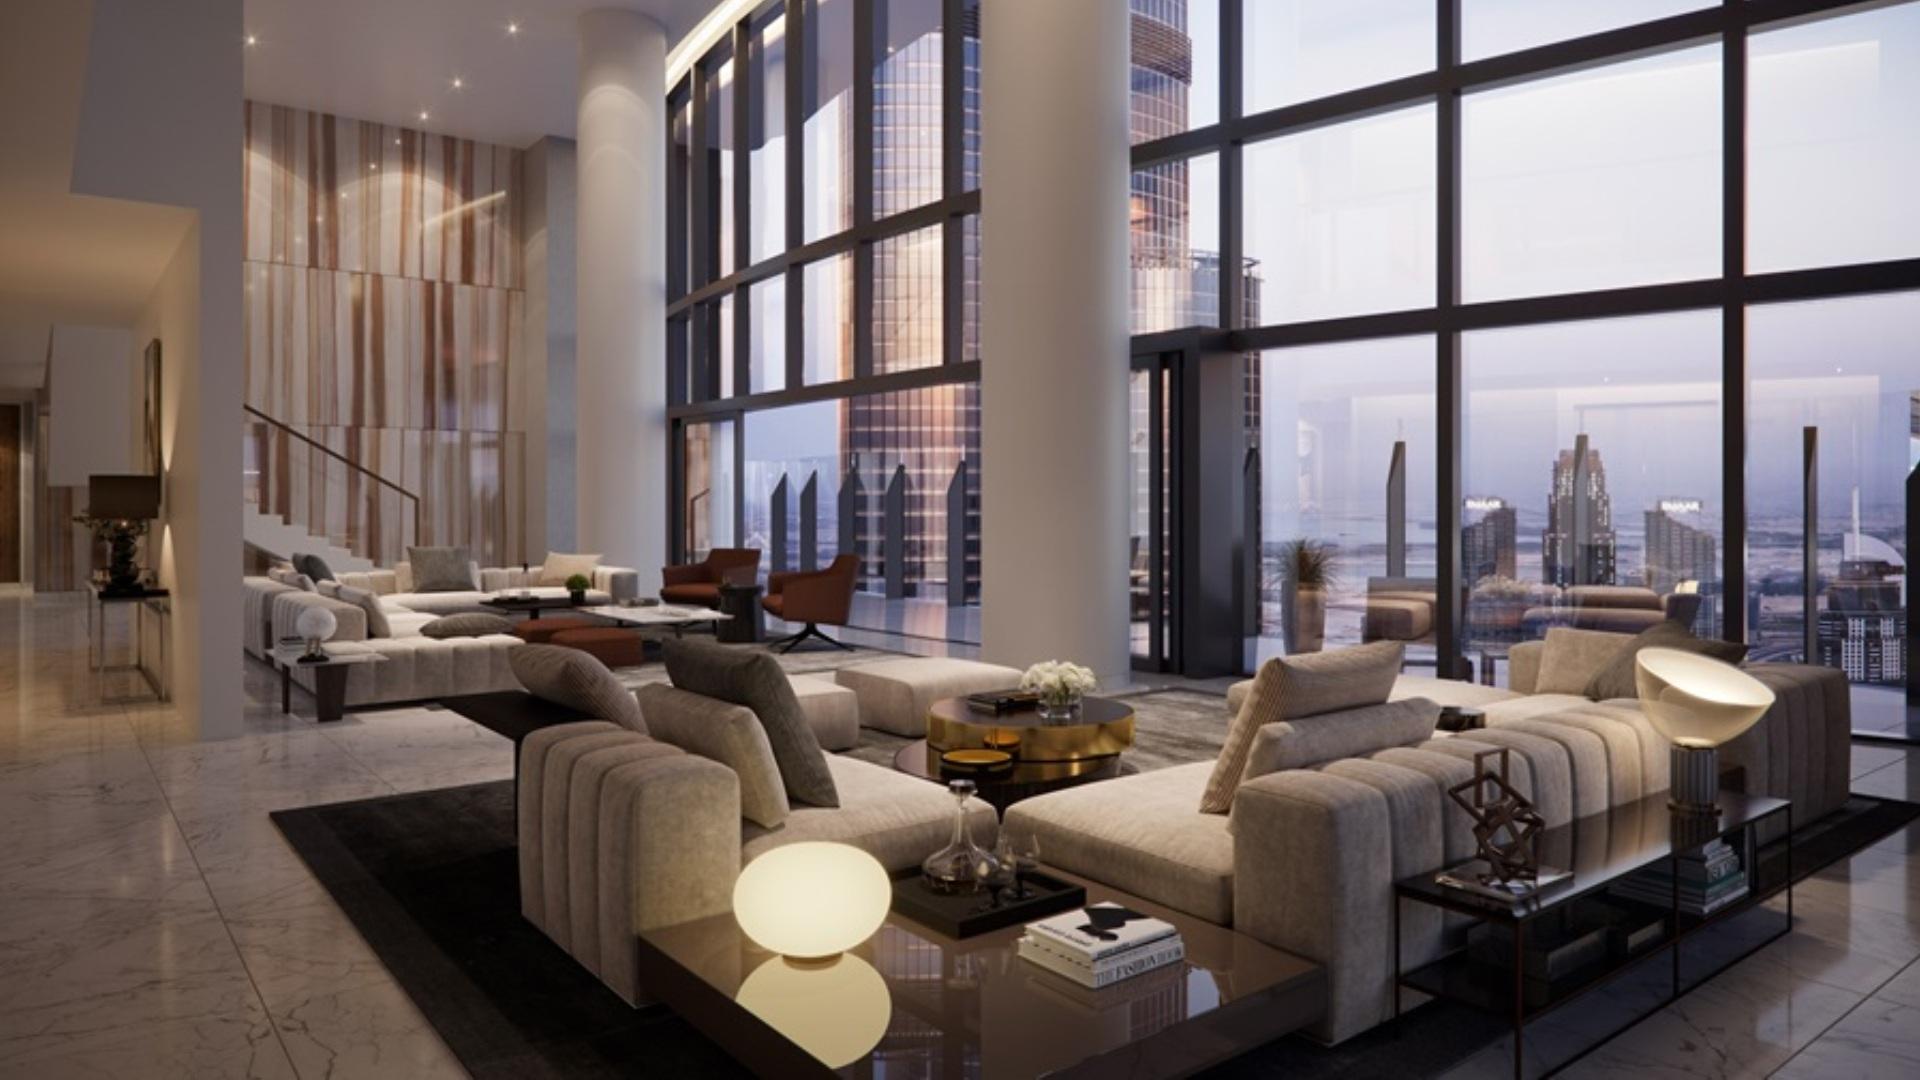 Ático en venta en Dubai, EAU, 5 dormitorios, 1068 m2, № 24320 – foto 5